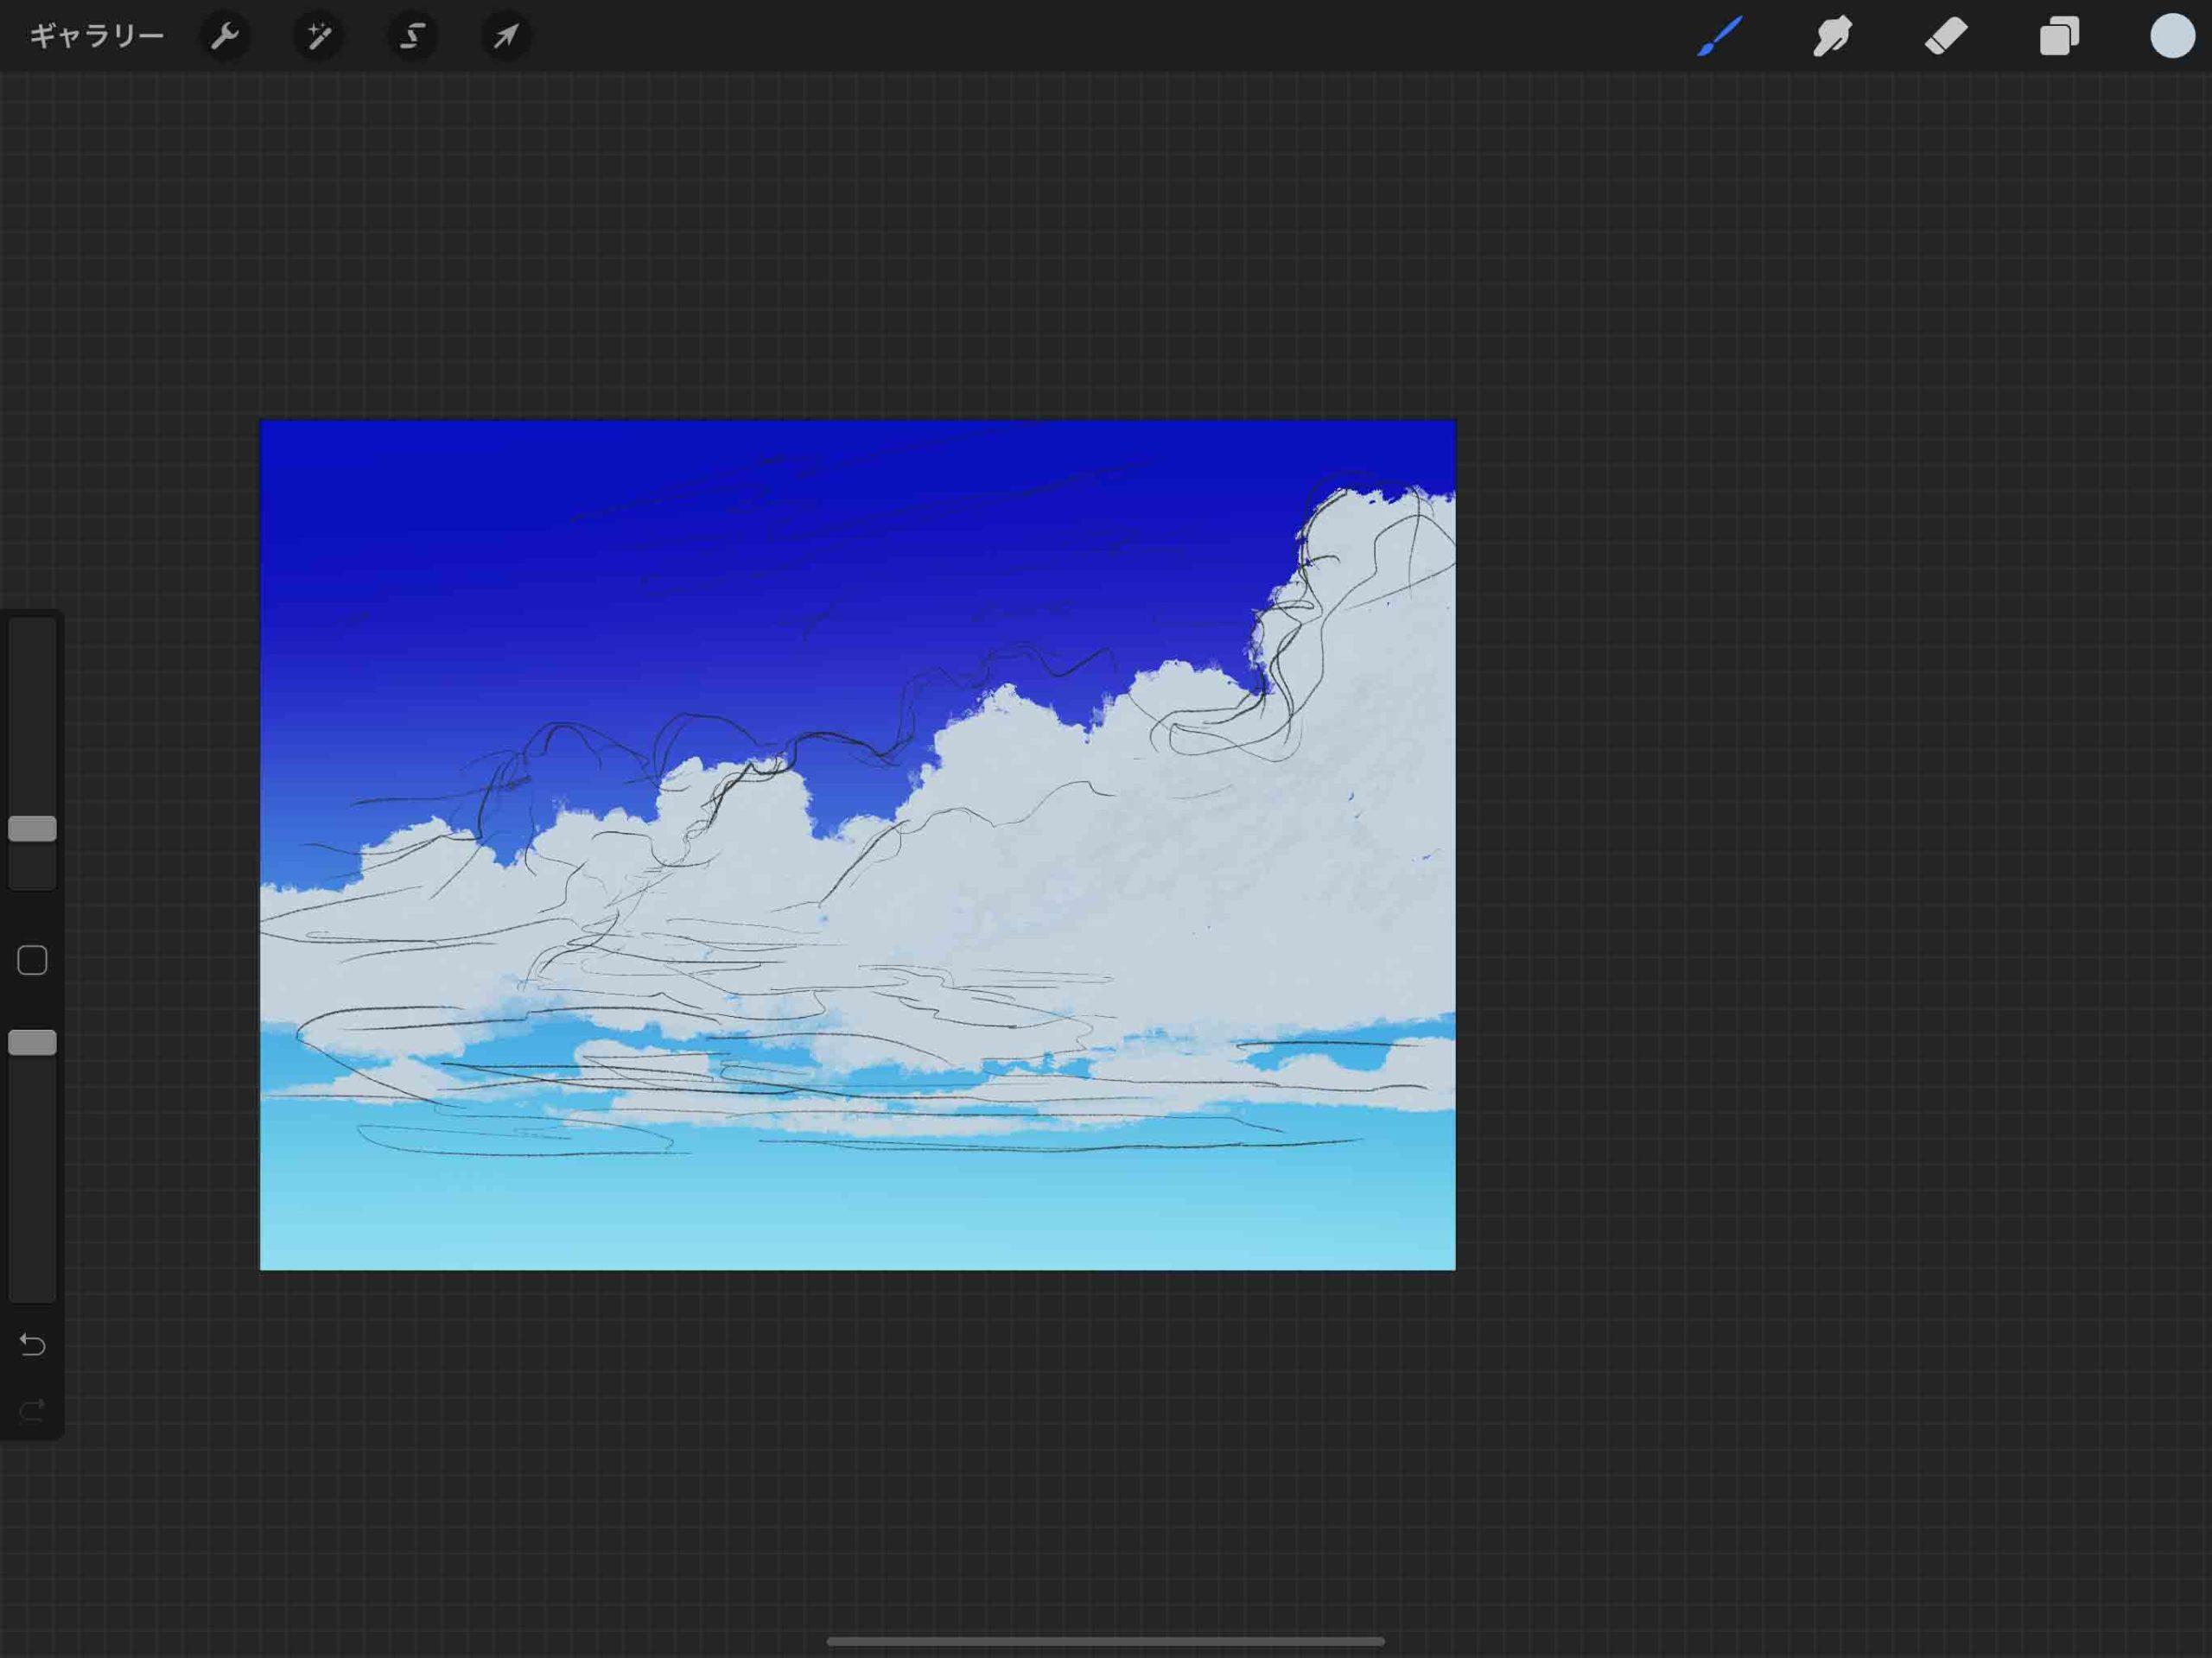 ⑤下側の雲